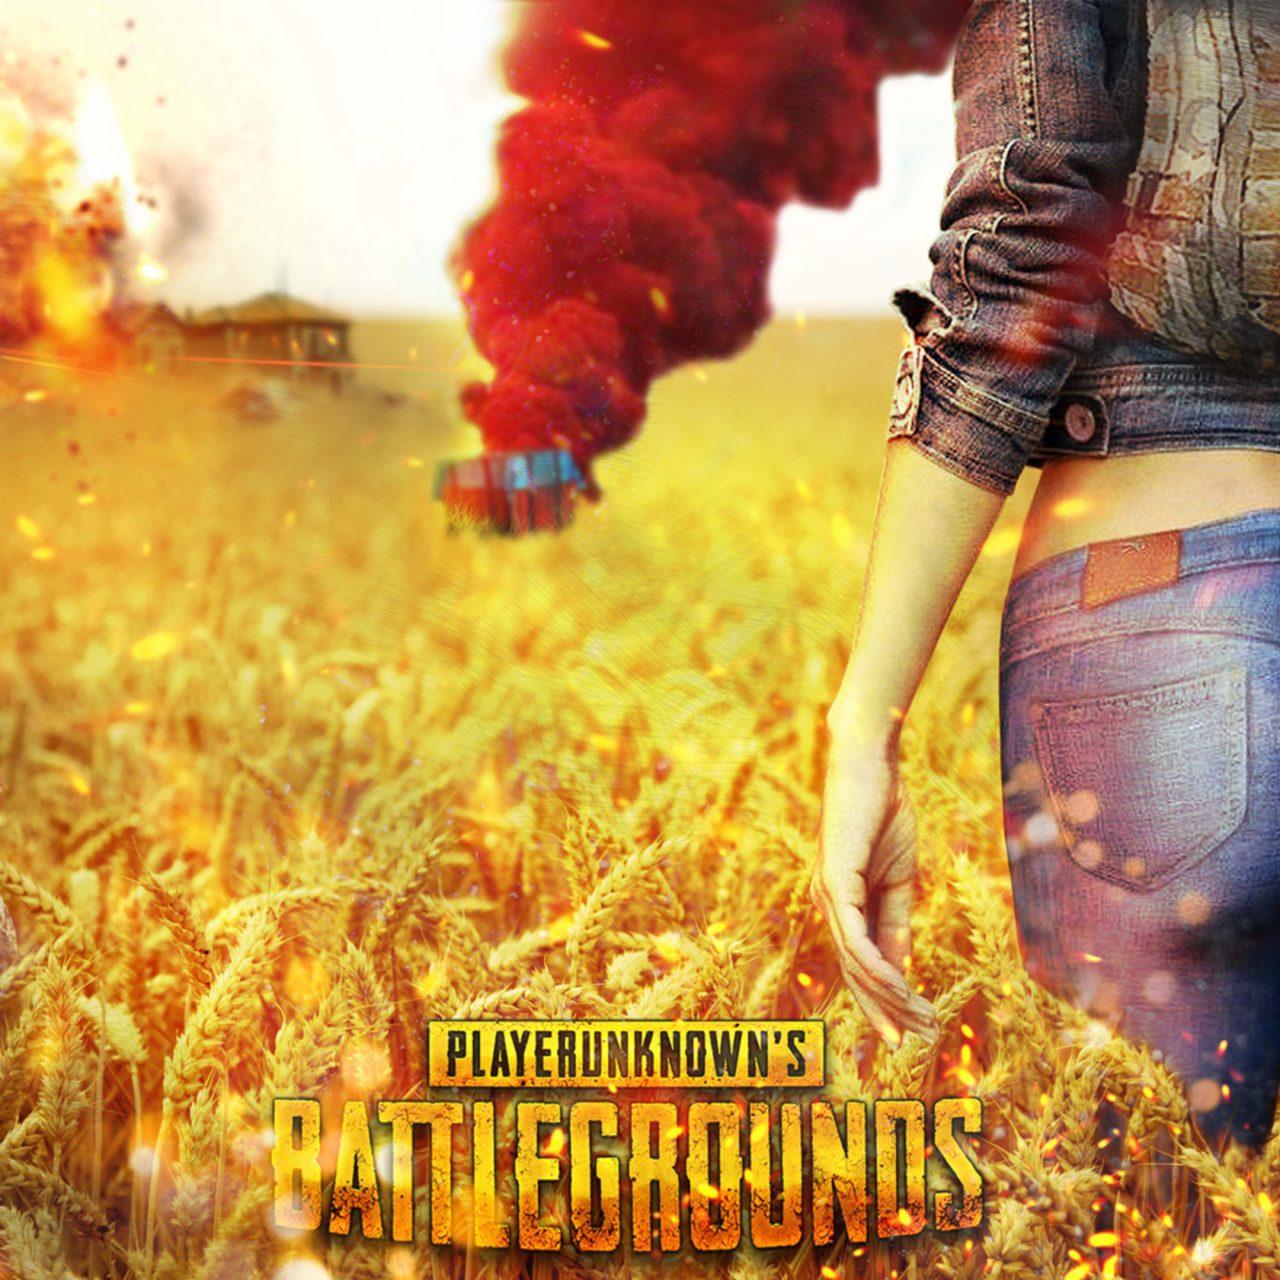 Playerunknowns Battlegrounds PUBG Cover 4K Wallpaper